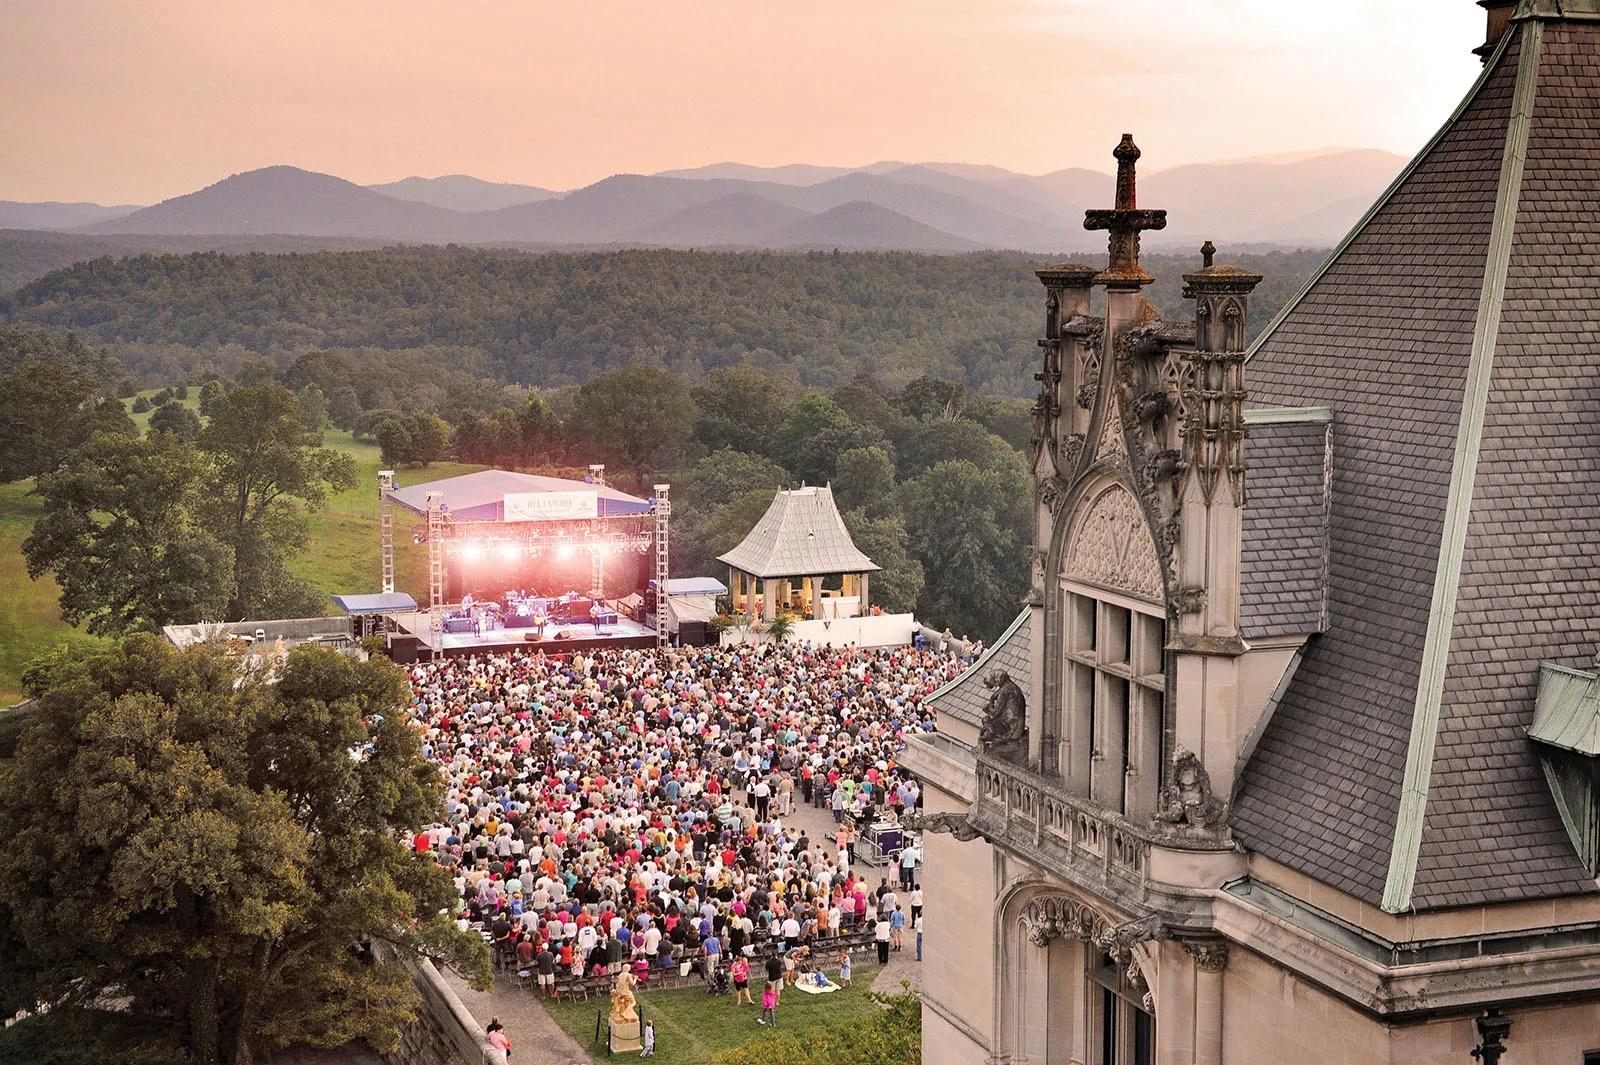 Biltmore estate summer concerts